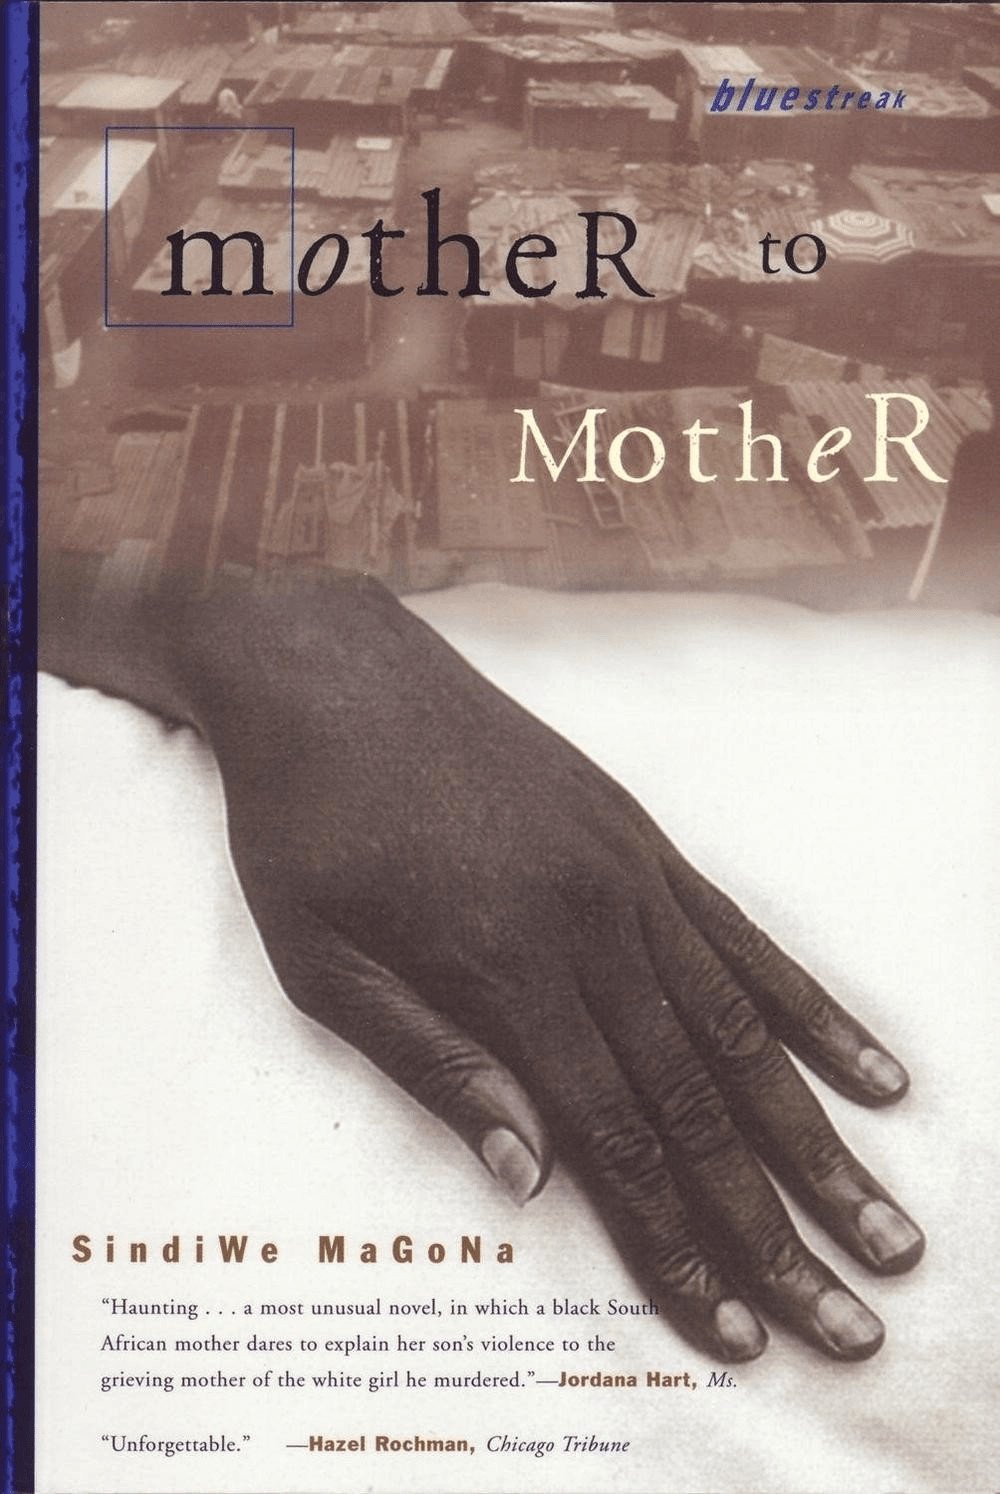 Mother to Mother (Magona, Sindiwe)